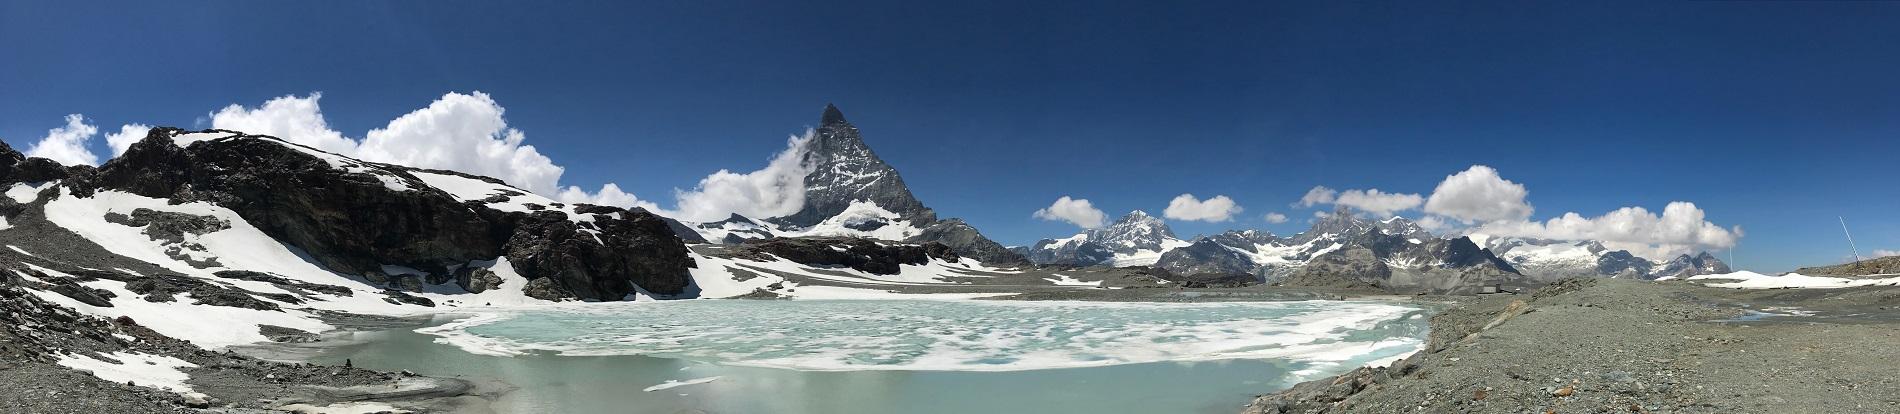 Matterhorn mit Gletschersee